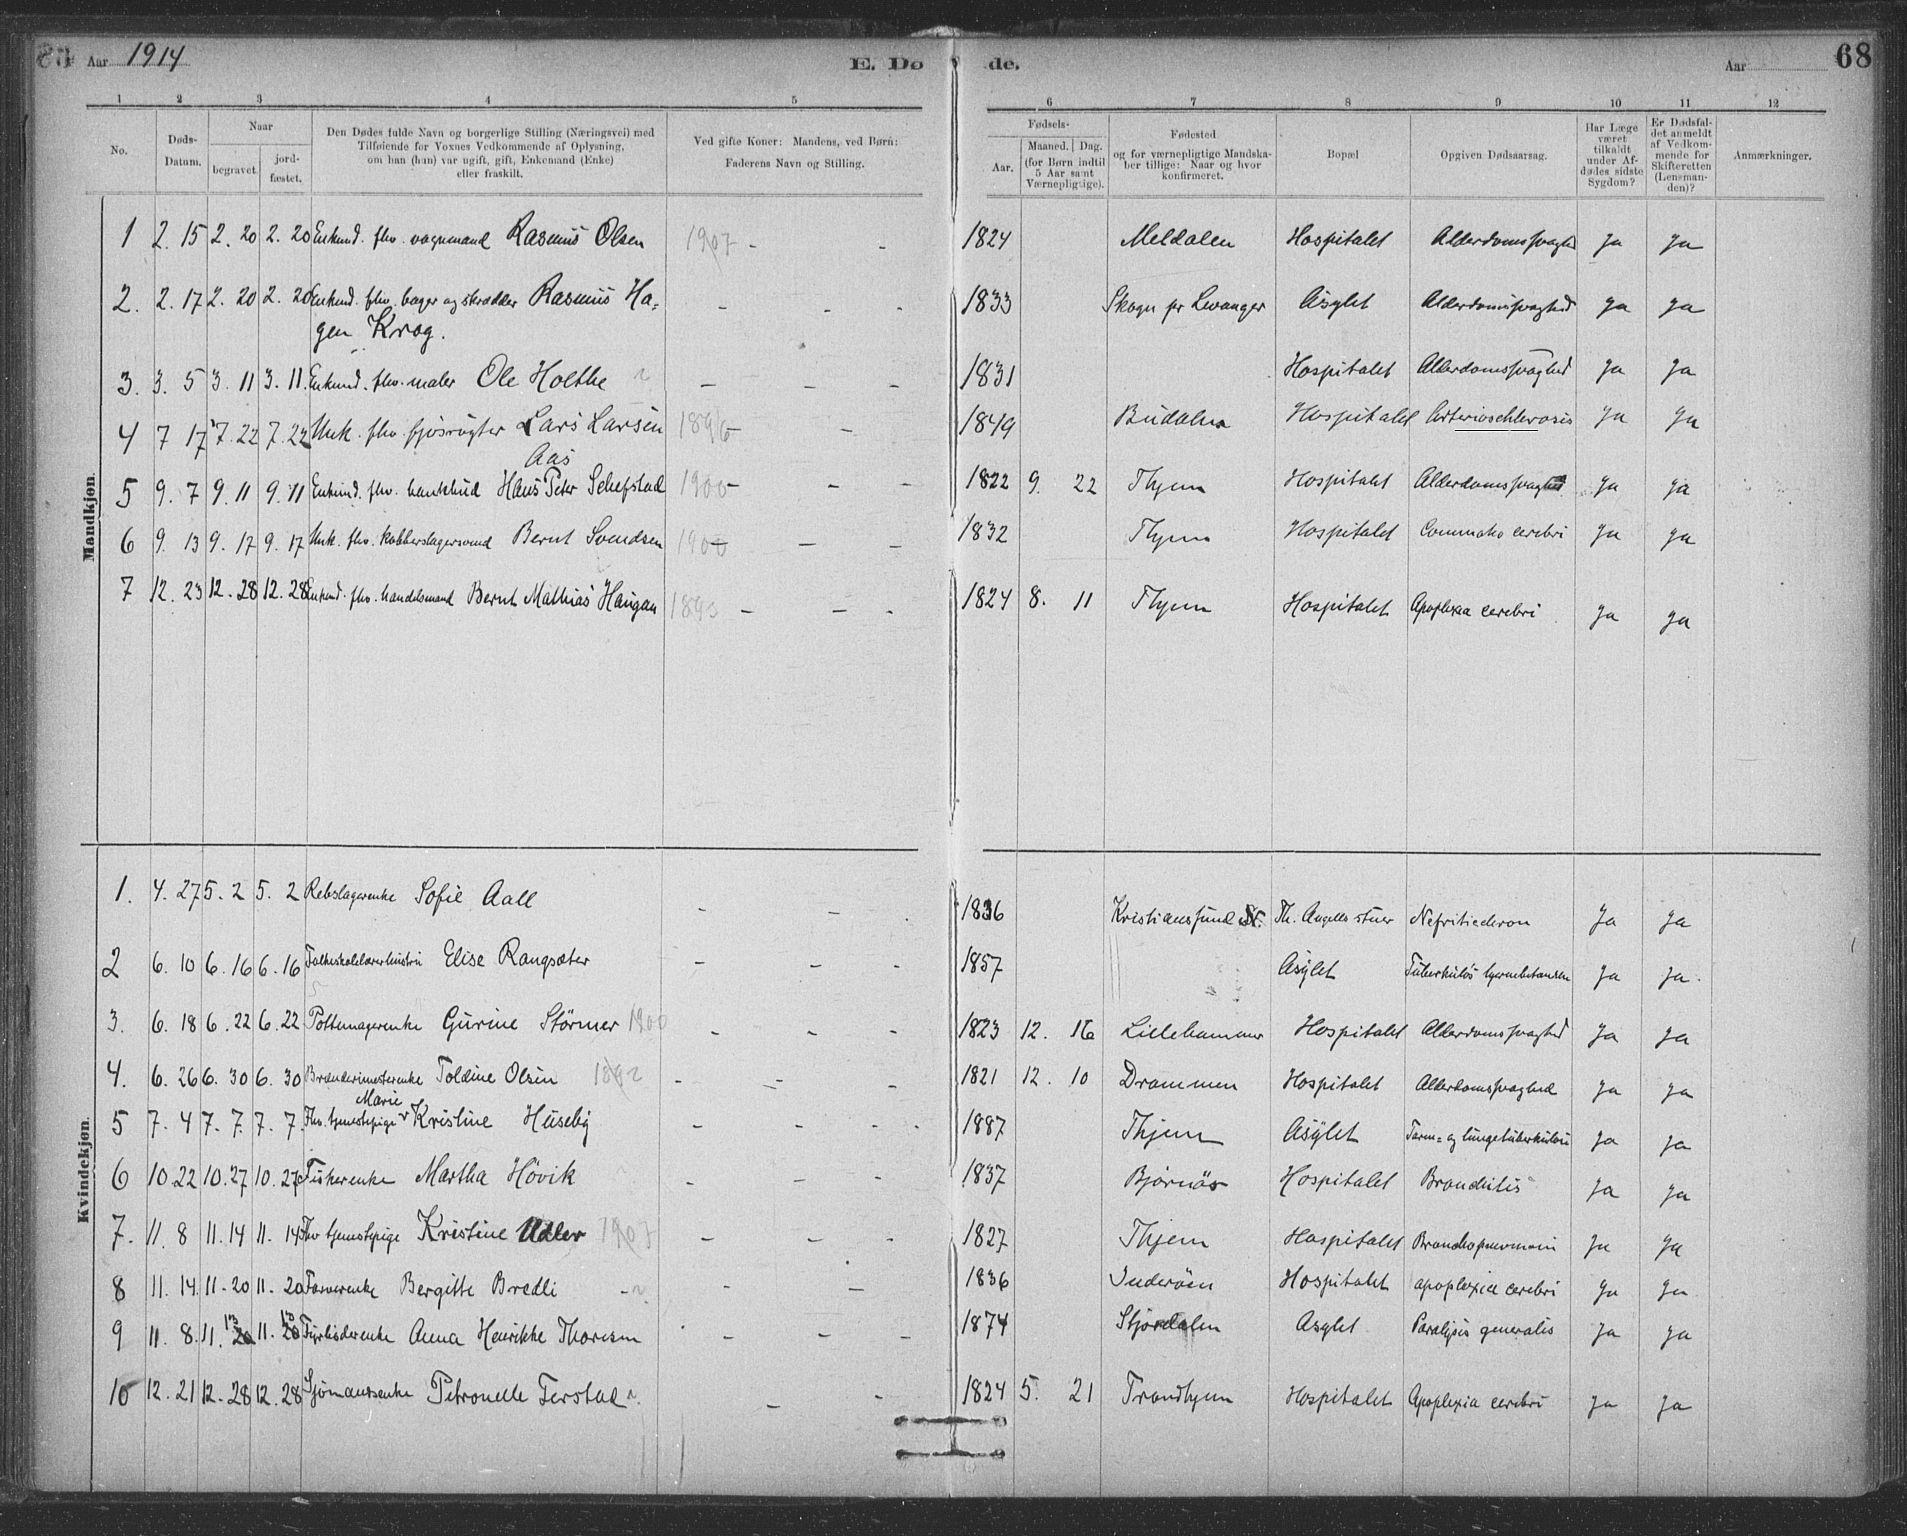 SAT, Ministerialprotokoller, klokkerbøker og fødselsregistre - Sør-Trøndelag, 623/L0470: Ministerialbok nr. 623A04, 1884-1938, s. 68